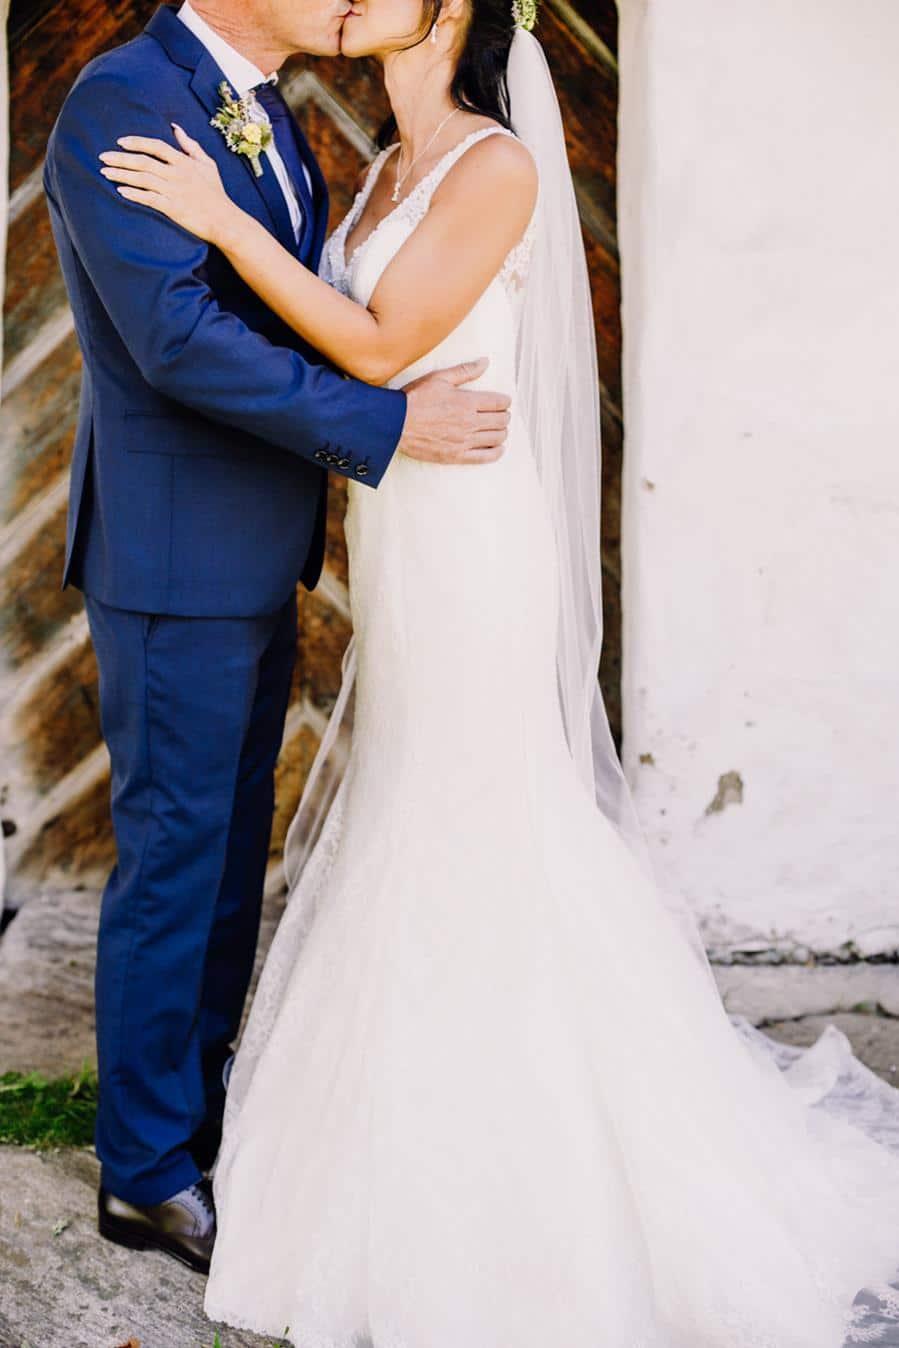 Inspiration für eine Hochzeit zu Zweit, ein Elopement